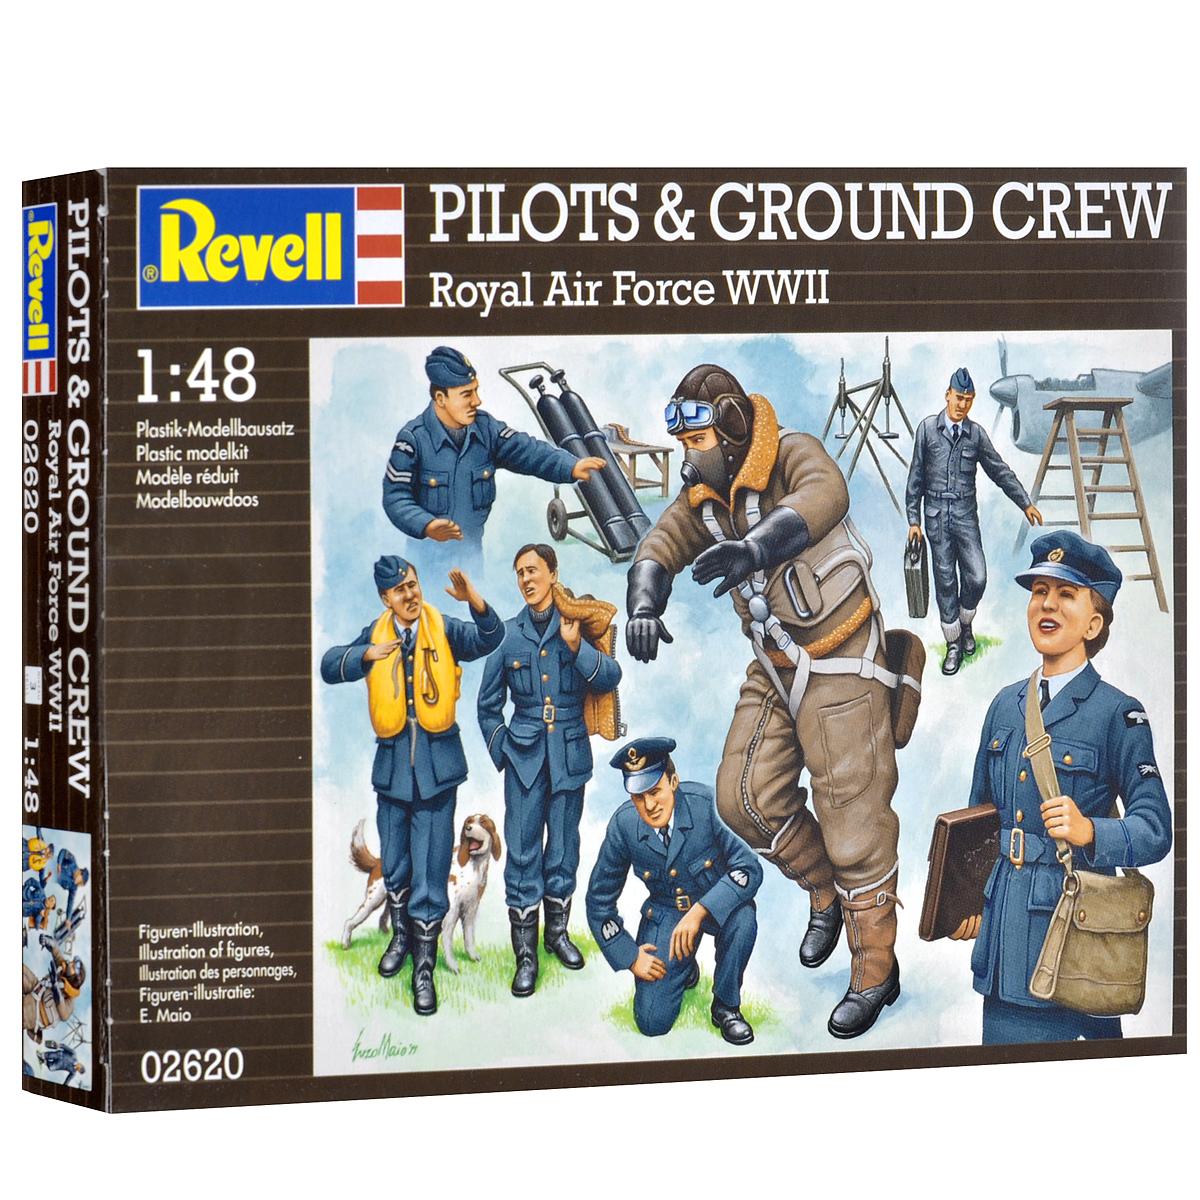 Набор миниатюр Revell Пилоты и наземная команда Британских ВВС2620В комплект набора миниатюр Revell Пилоты и наземная команда Британских ВВС входят 7 пластиковых неокрашенных фигурок в виде пилотов британских ВВС из экипажей 1935-1945 гг и наземный персонал. Реалистичный вид пилотов и сотрудников наземных служб позволит воспроизвести события минувших дней. Английские пилоты демонстрировали возможности ведения воздушного боя и чудеса пилотирования во время Второй Мировой Войны. А наземный персонал без устали помогал им в этом. Кроме фигурок людей в наборе имеются фигурка собаки, а также такое оборудование, как верстак, платформы, газовые баллоны. В наборе 85 элементов, включающих в себя фигурки и аксессуары для игры, а также схематичная инструкция по сборке и покраске элементов на русском языке. Занимаясь раскраской фигур и играя с ними, ребенок сможет развивать ловкость, мелкую моторику рук, терпение усидчивость, а также получит исторические знания. Уровень сложности: 3. Клей и краски в комплект не входят.